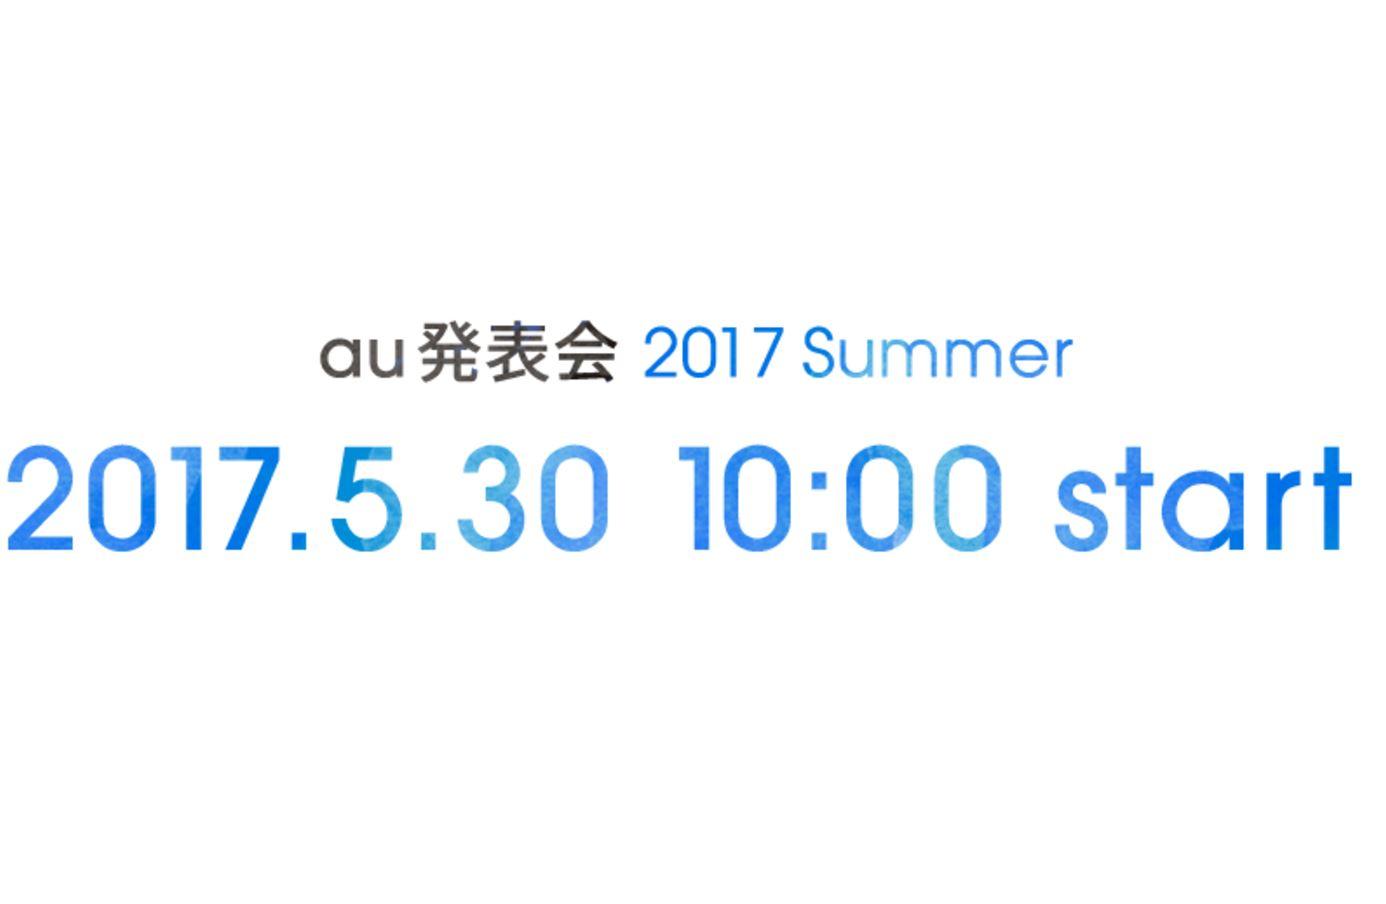 au KDDI、夏モデルスマートフォンの発表を5月30日10時より開始へ